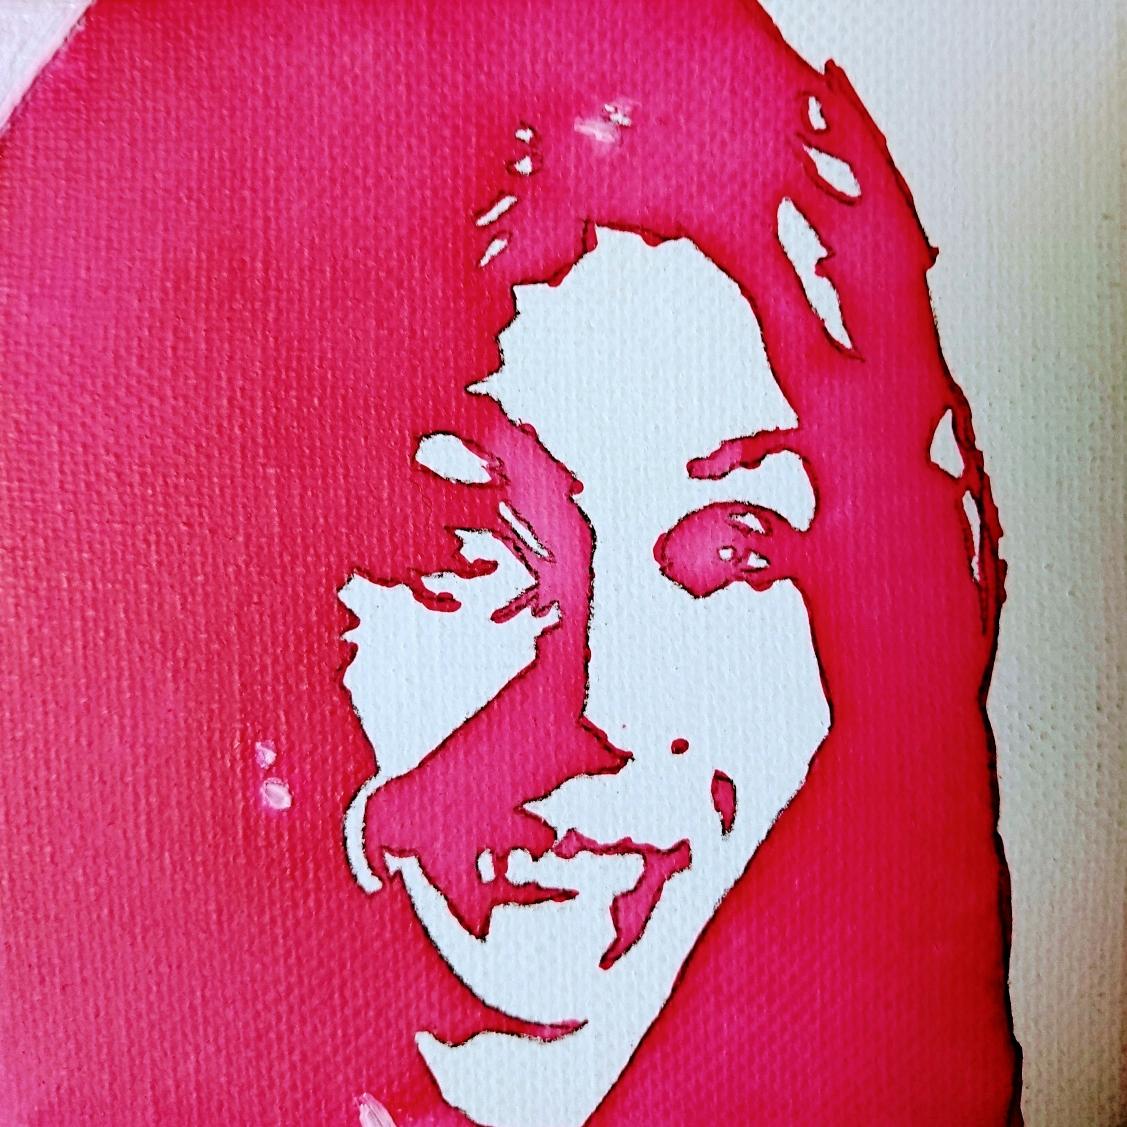 Tina Turner, singer